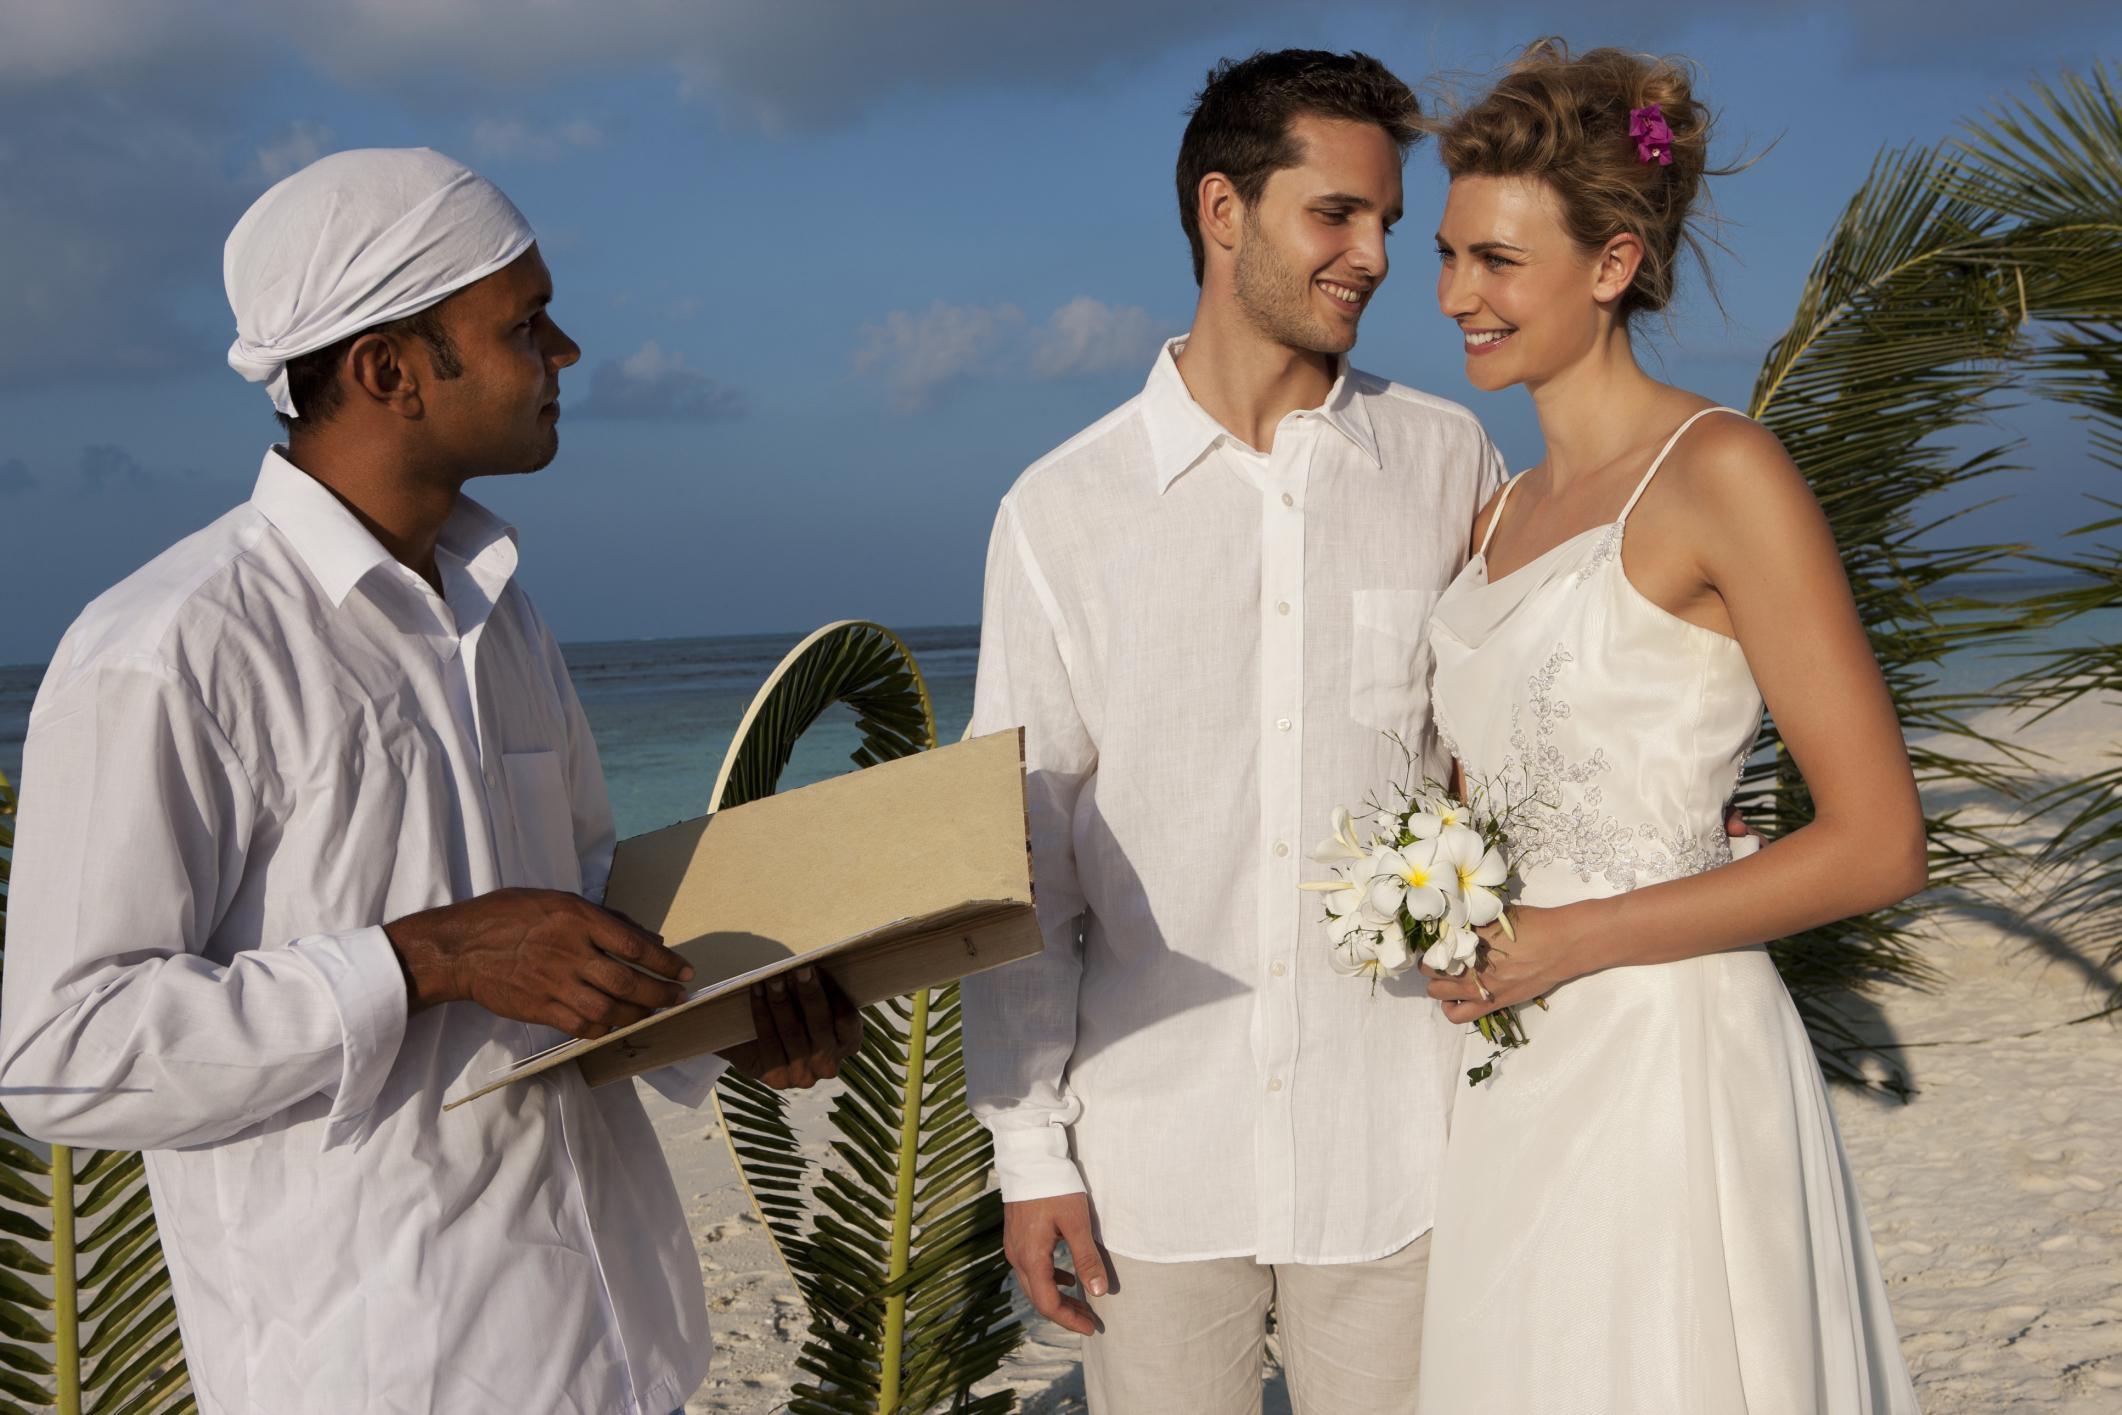 Wedding Ceremony Atheist Wedding Ceremony